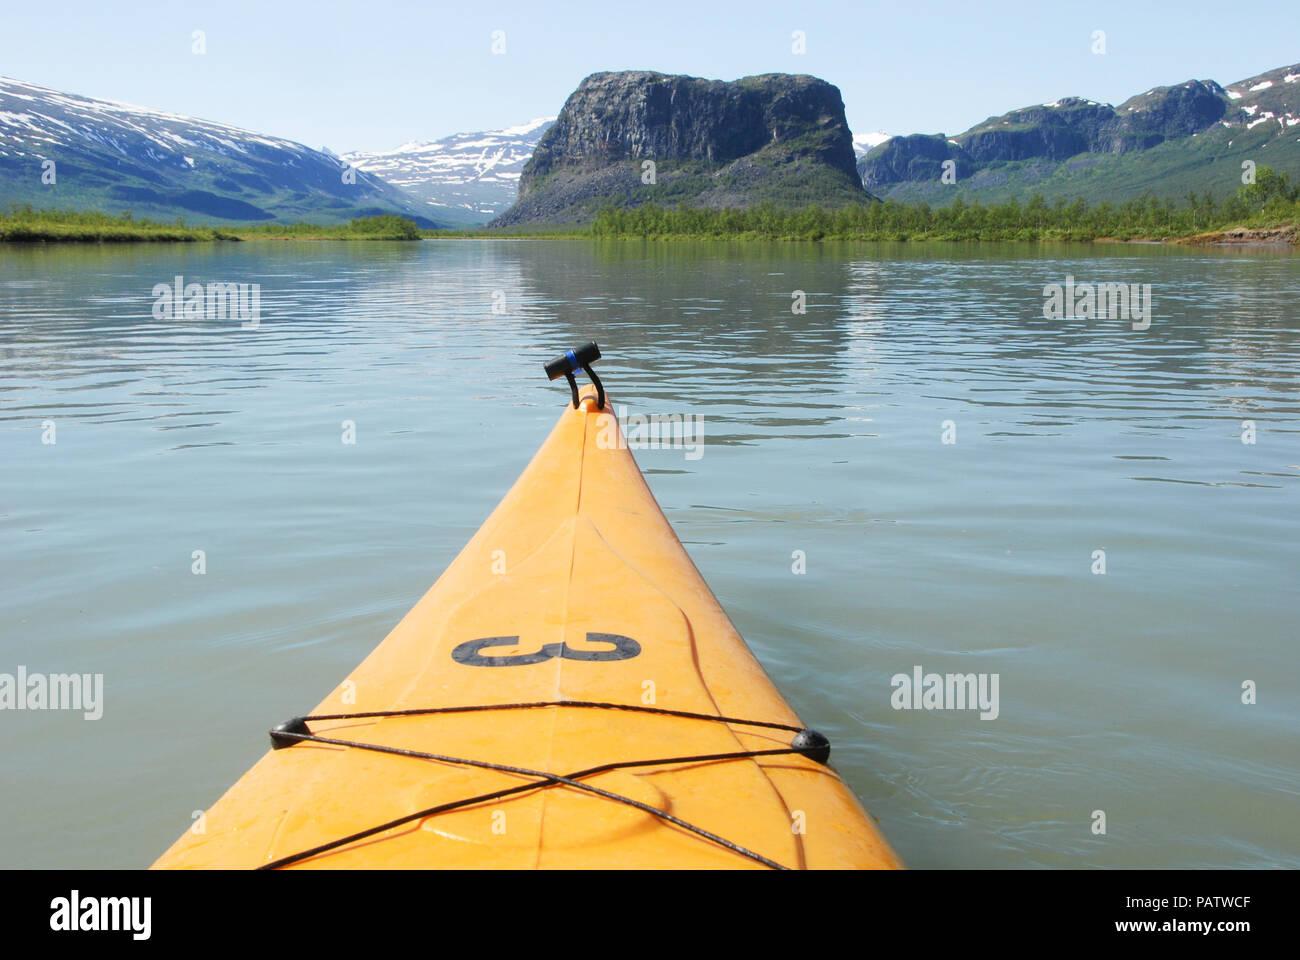 Nammasj - Paddling in Rapaätno delta. Jokkmokk, Sweden Stock Photo